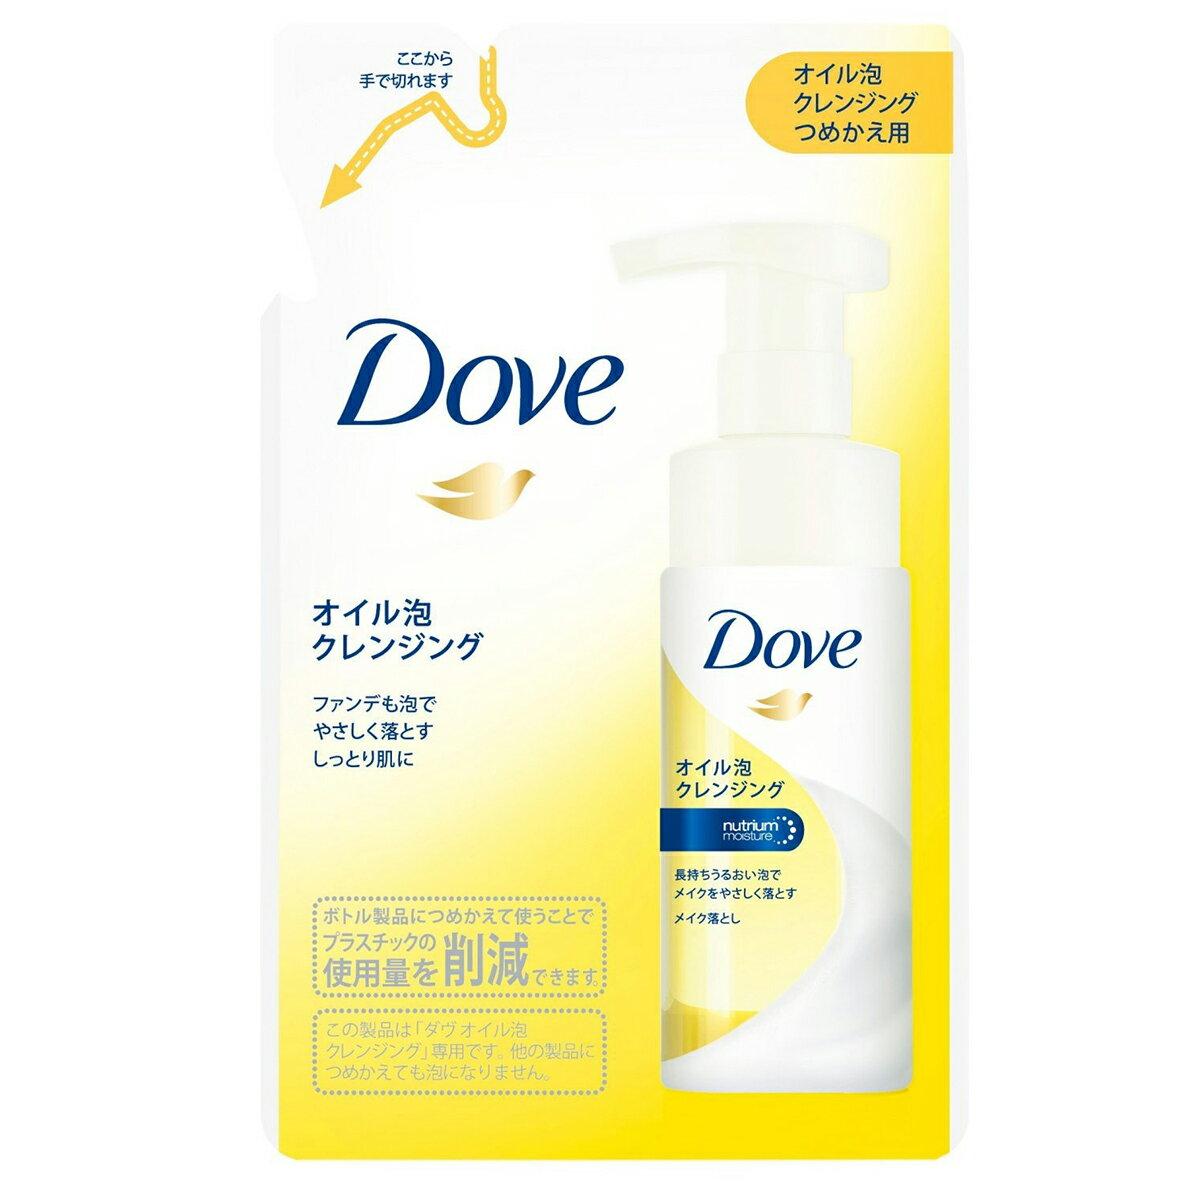 ユニリーバ・ジャパン株式会社Dove(ダヴ) オイル泡クレンジング[つめかえ用]130ml<メイク落とし><ナチュラルなホワイトフローラルの香り>(この商品は注文後のキャンセルができません)【ドラッグピュア楽天市場店】